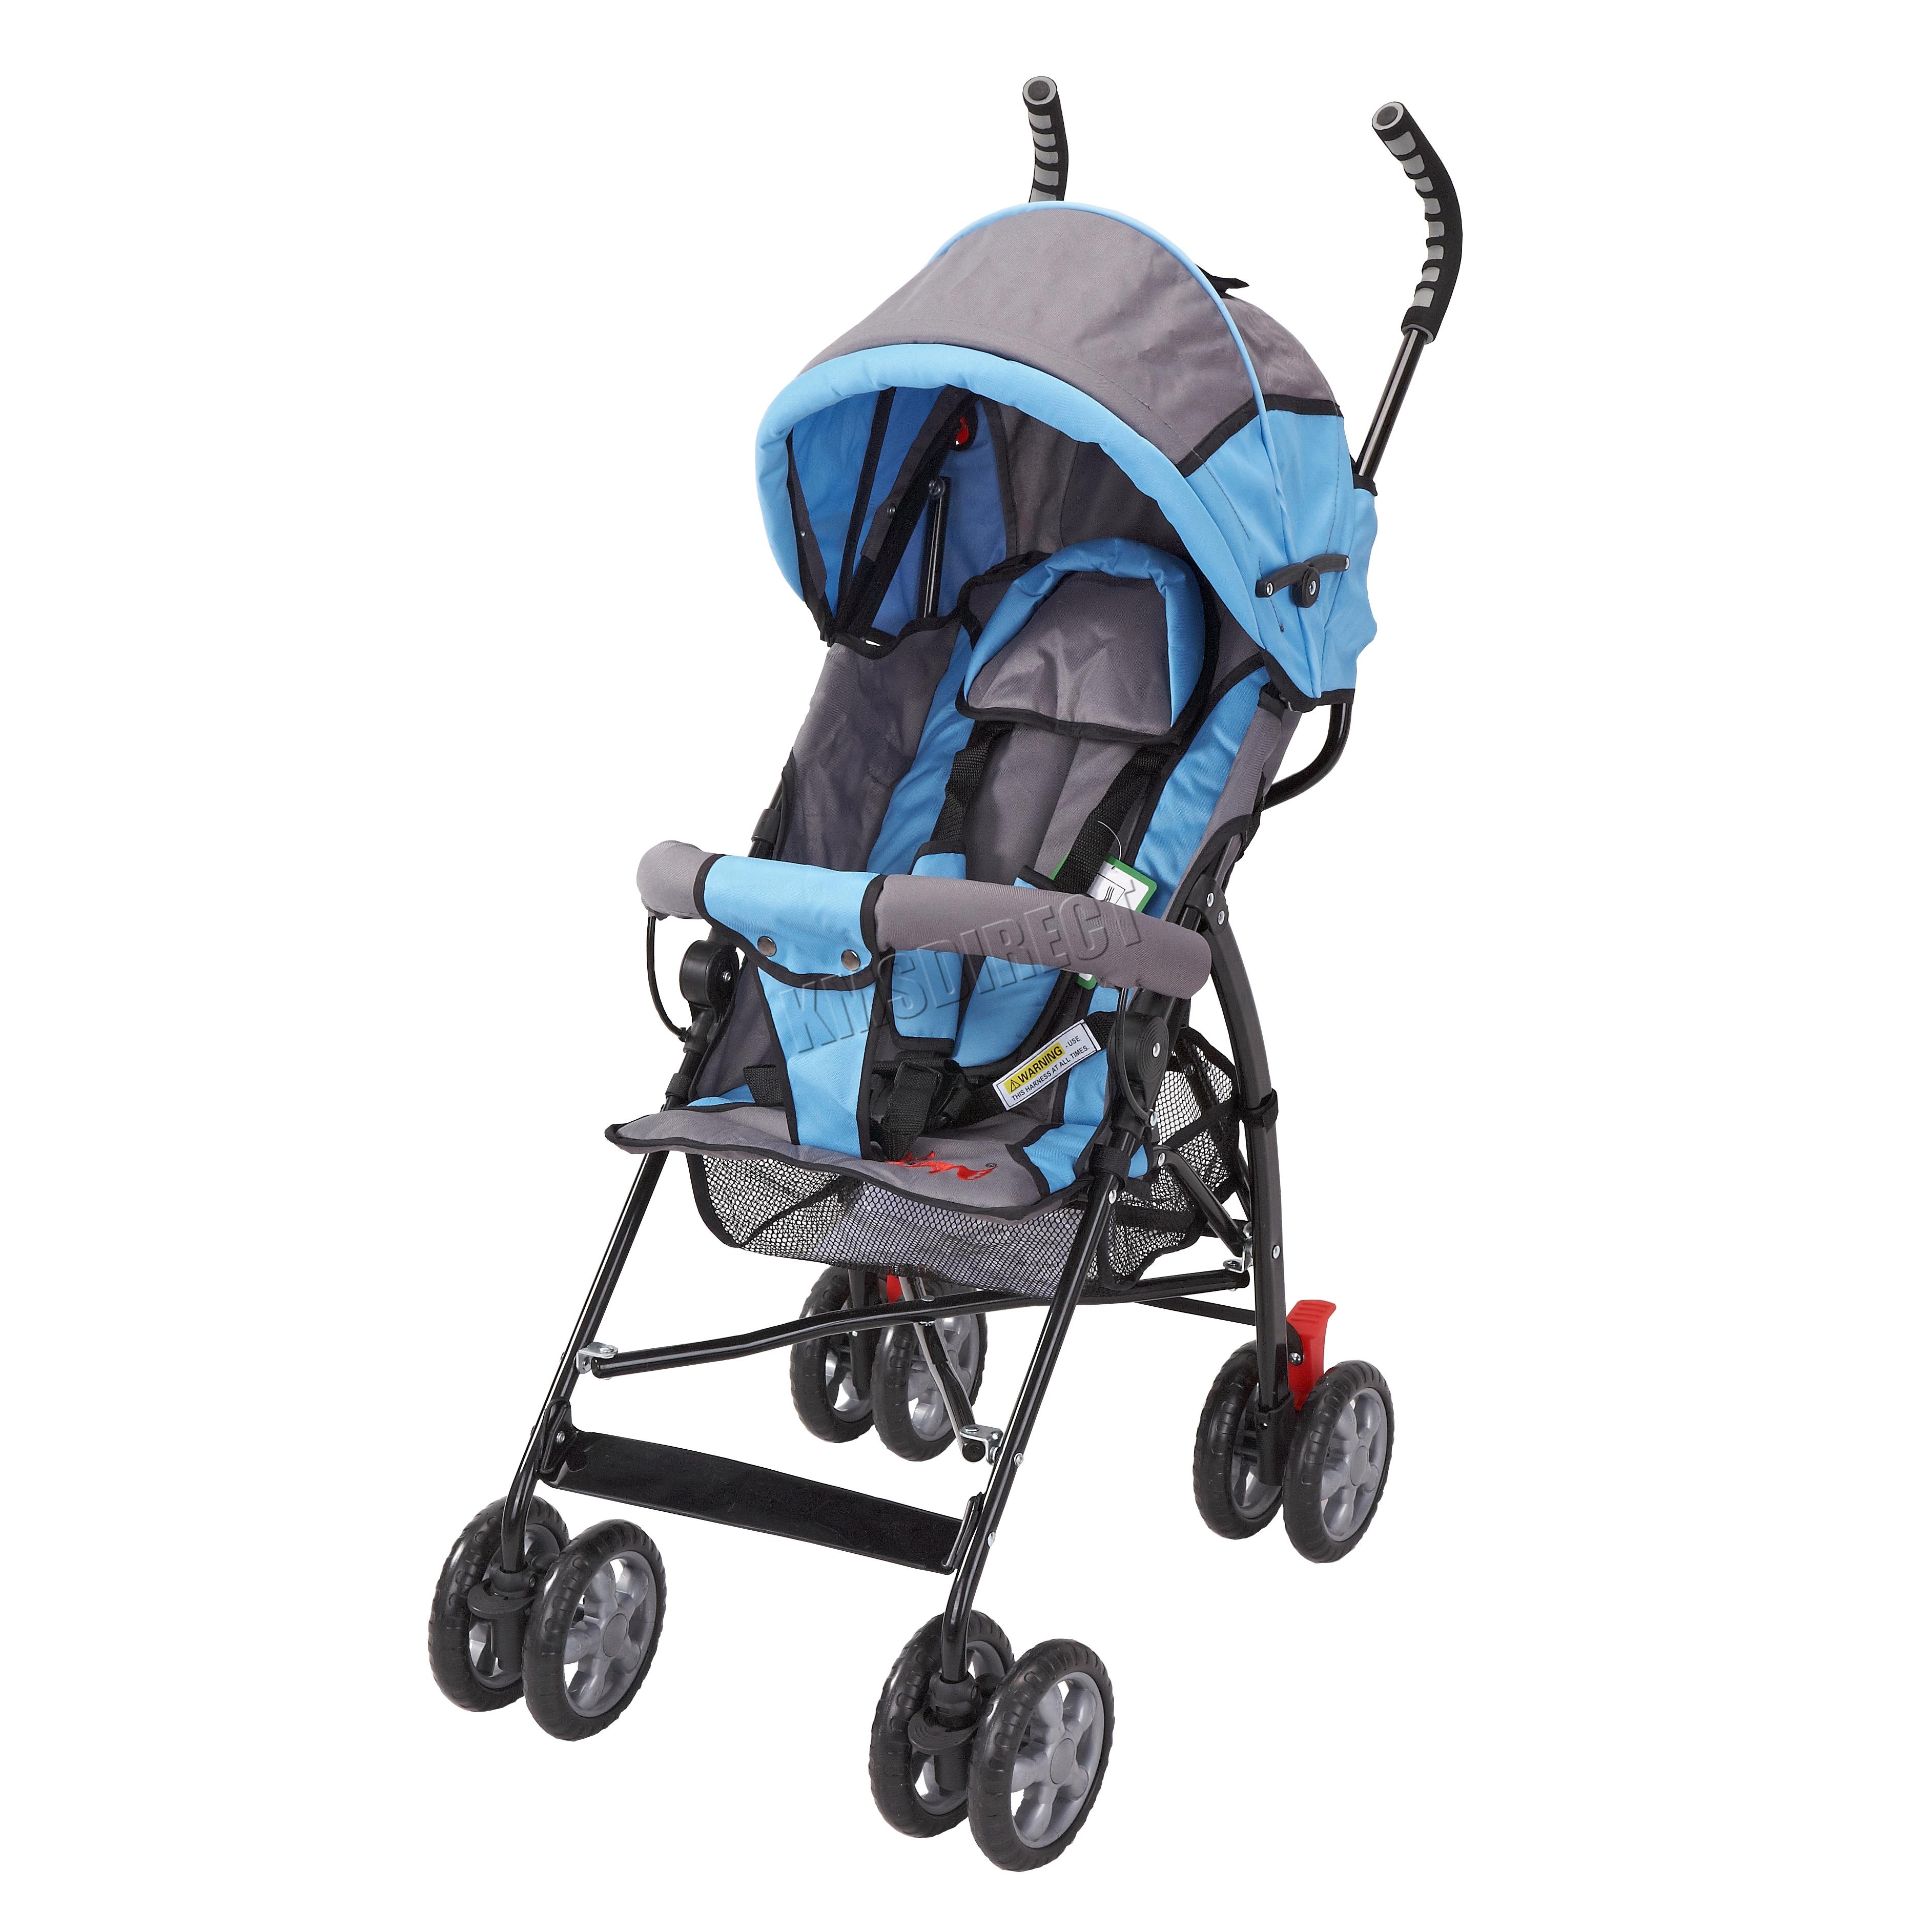 Riparo baby neonato bambino singolo passeggino passeggino - Copriletto singolo bambino ...